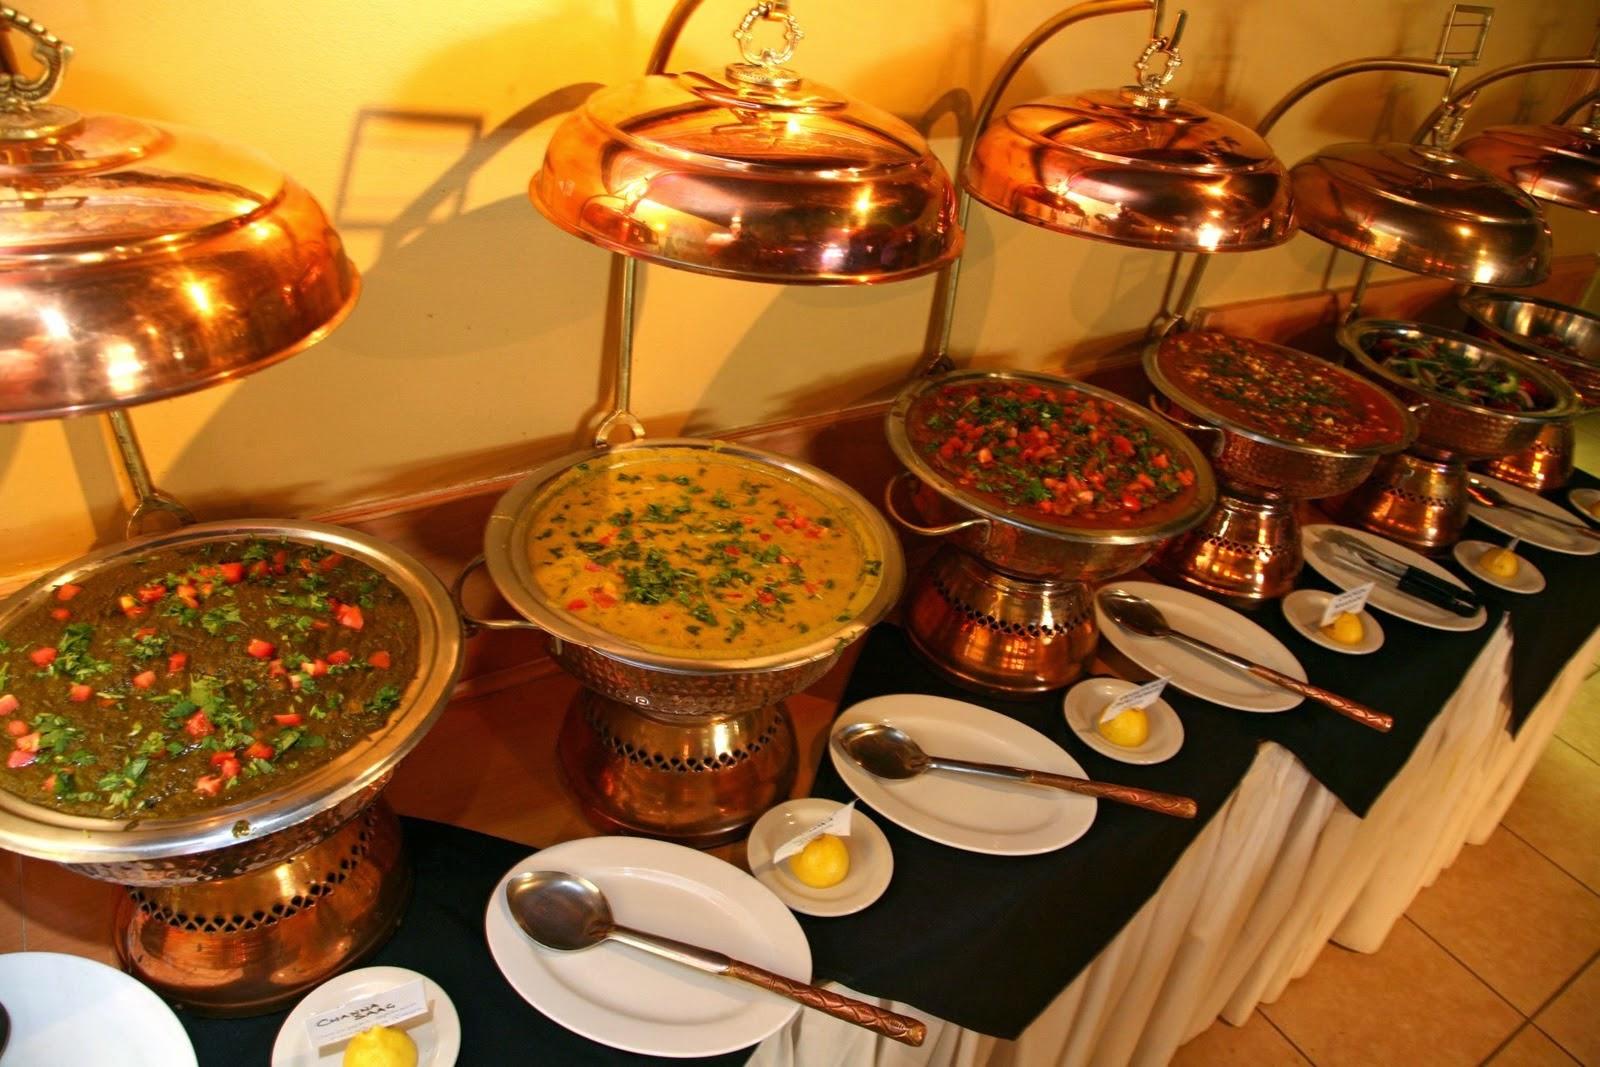 Best Arabian Food In Chennai